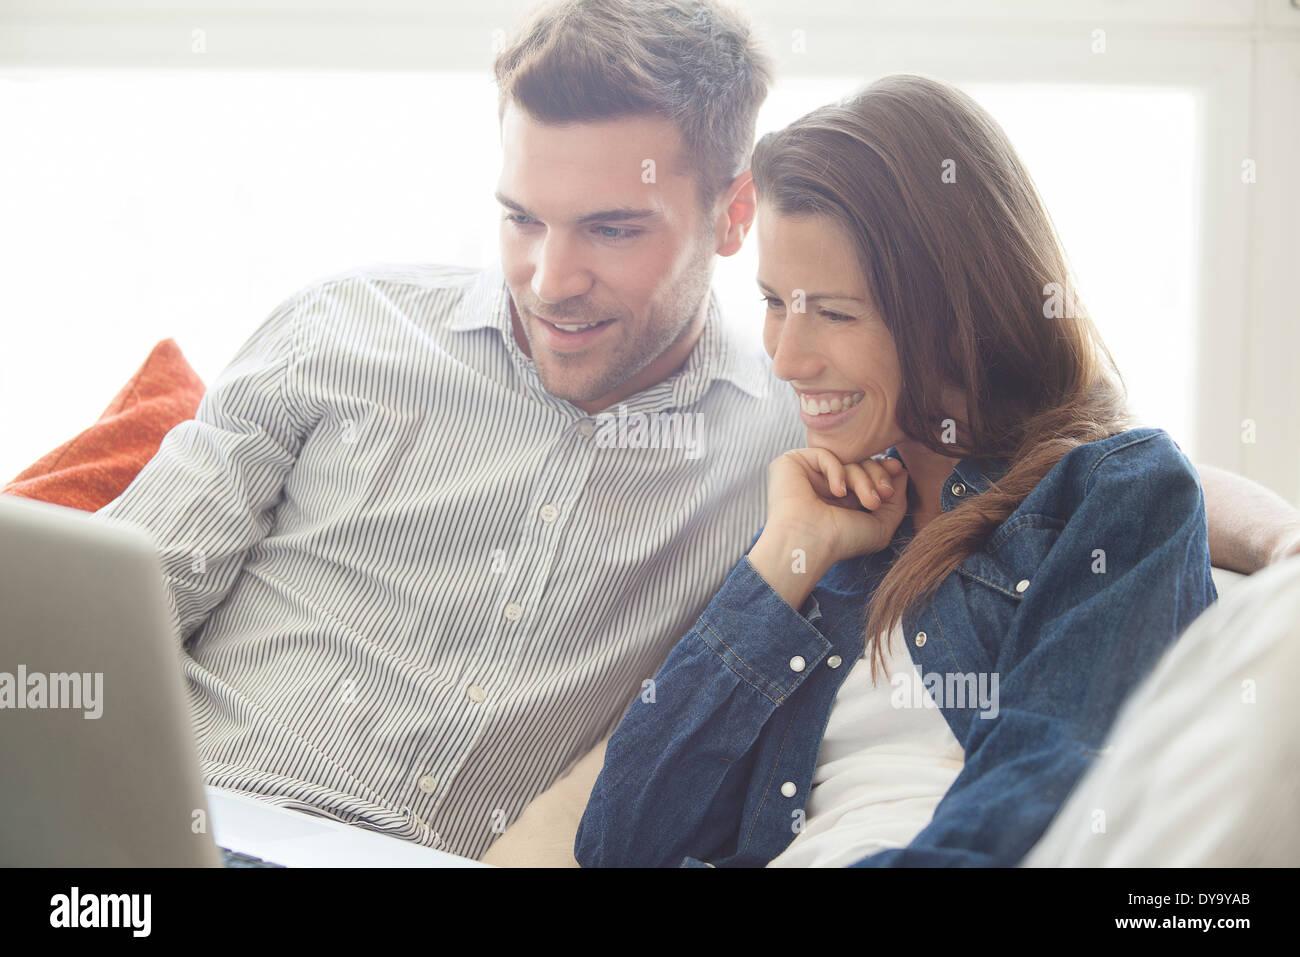 Par relajarse en casa mirando juntos ordenador portátil Imagen De Stock